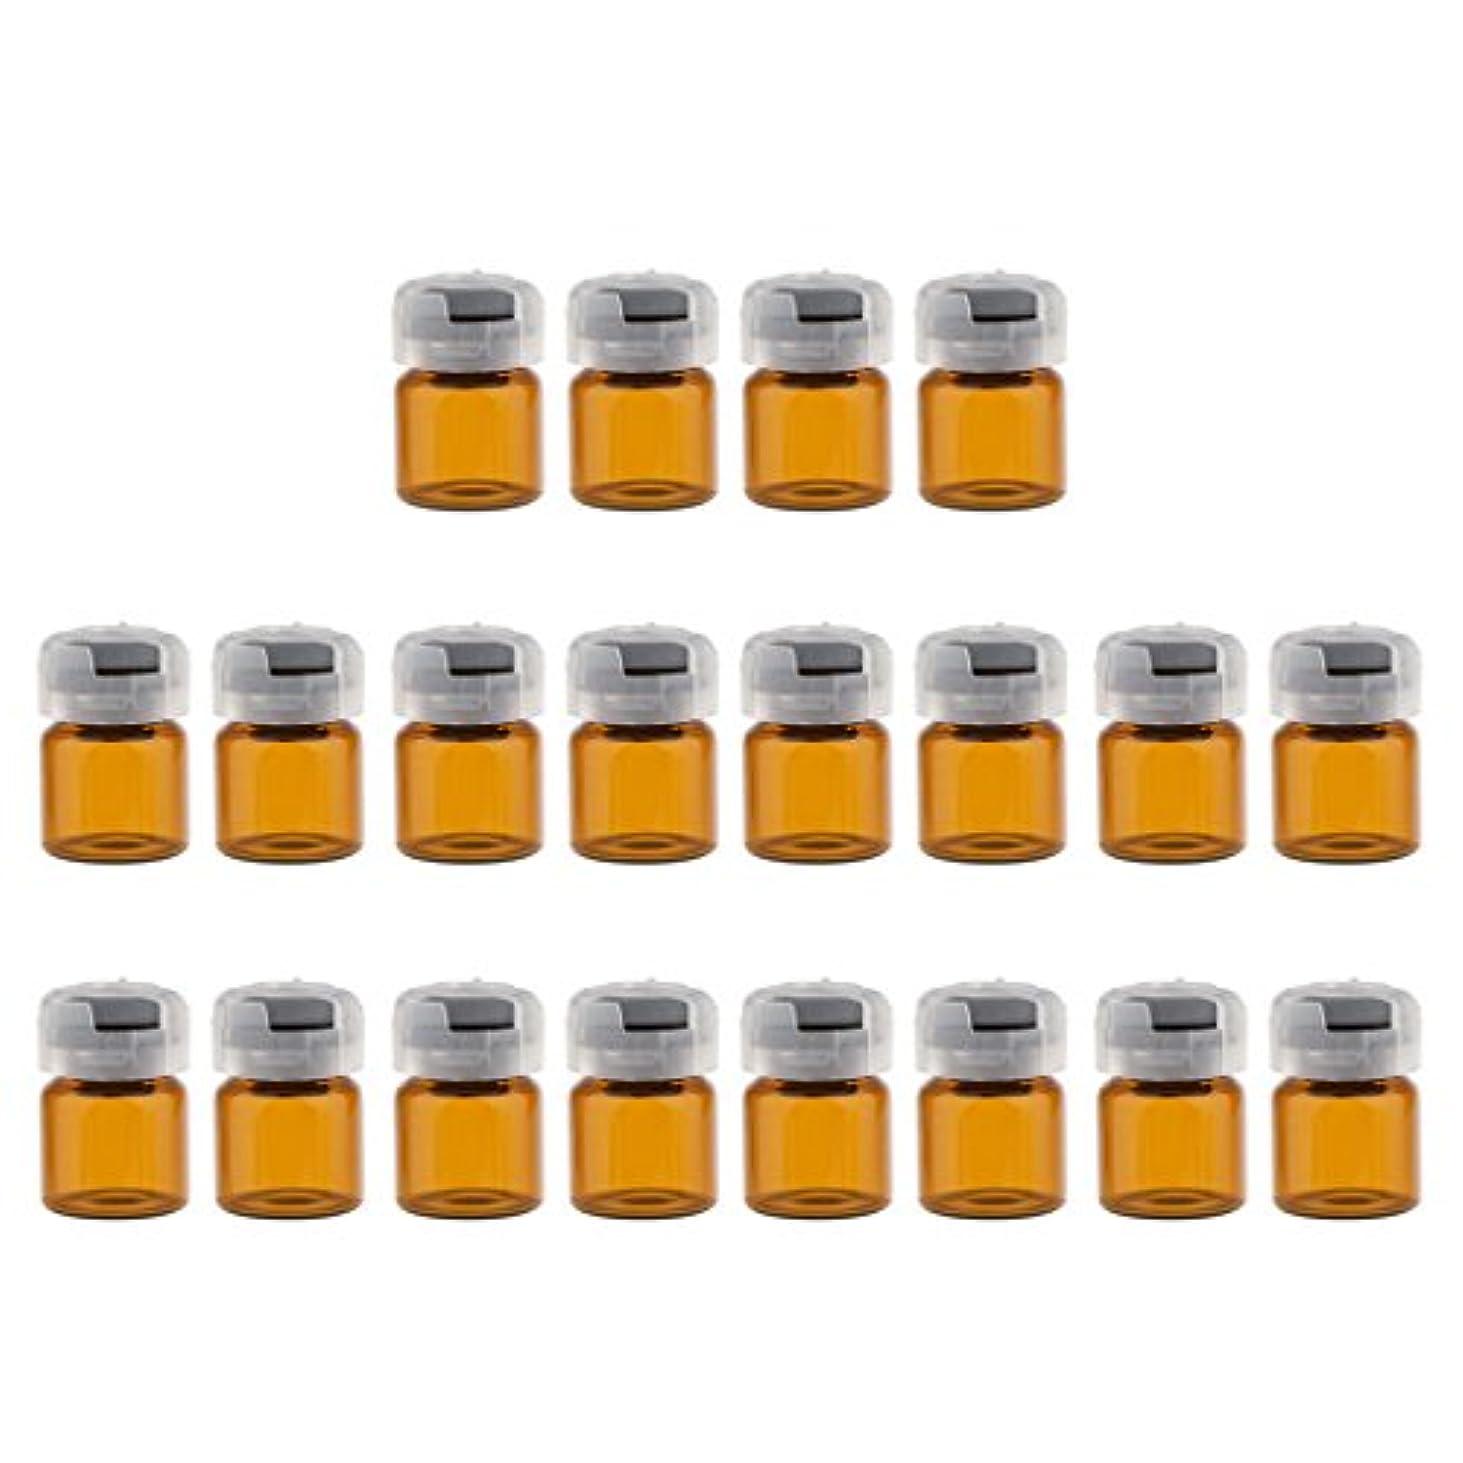 王朝湿原カニ約20個 空 バイアル 密封 滅菌バイアル ガラス 液体容器 3サイズ選べる - 3ml